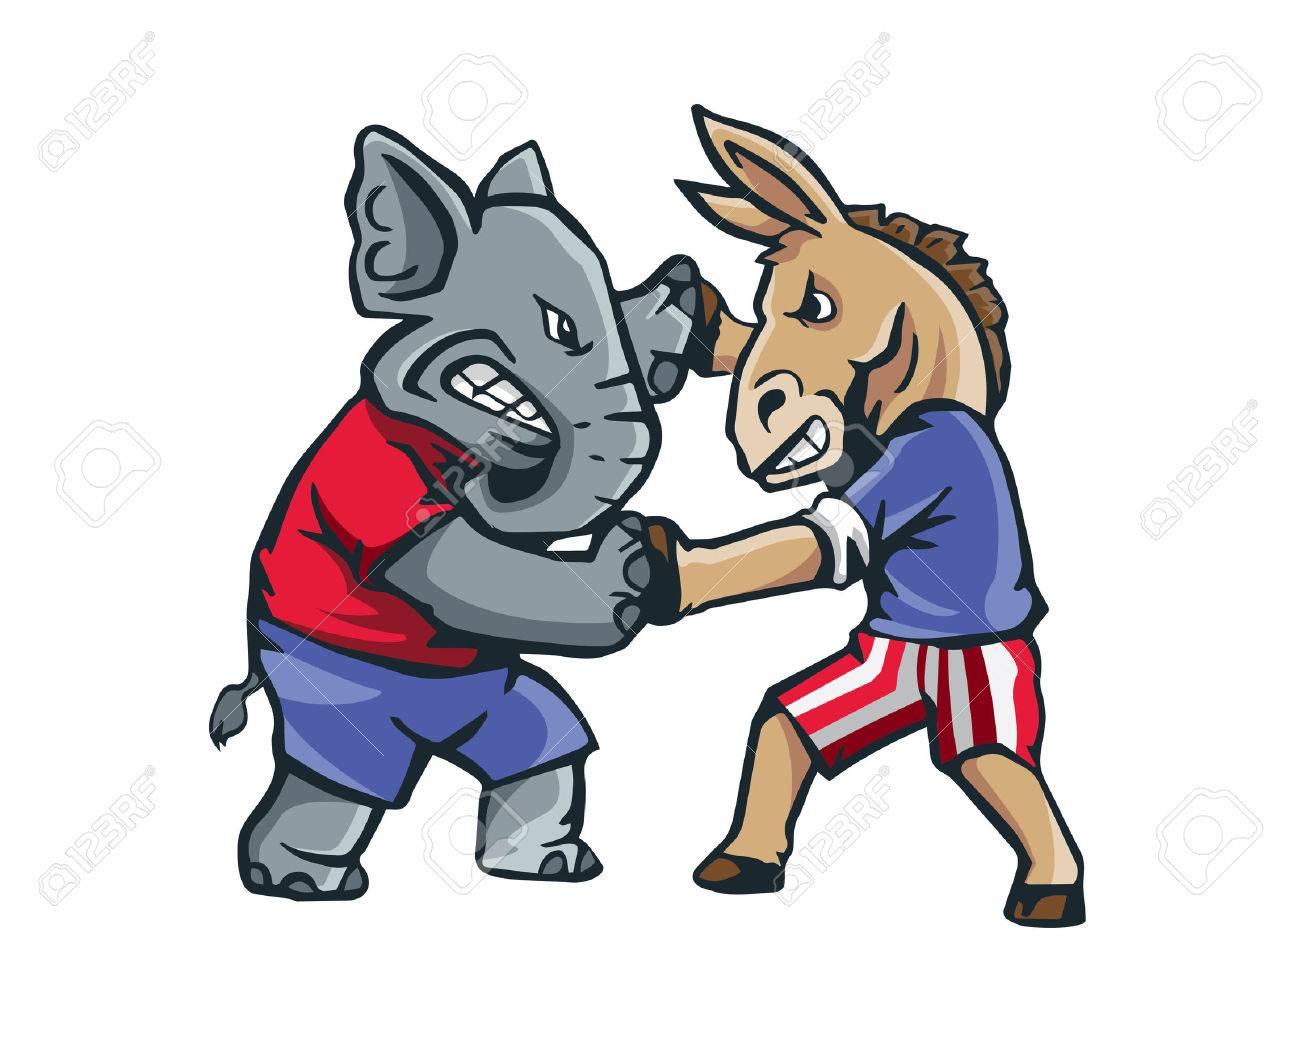 1300x1040 Usa Democrat Vs Republican Election 2016 Cartoon